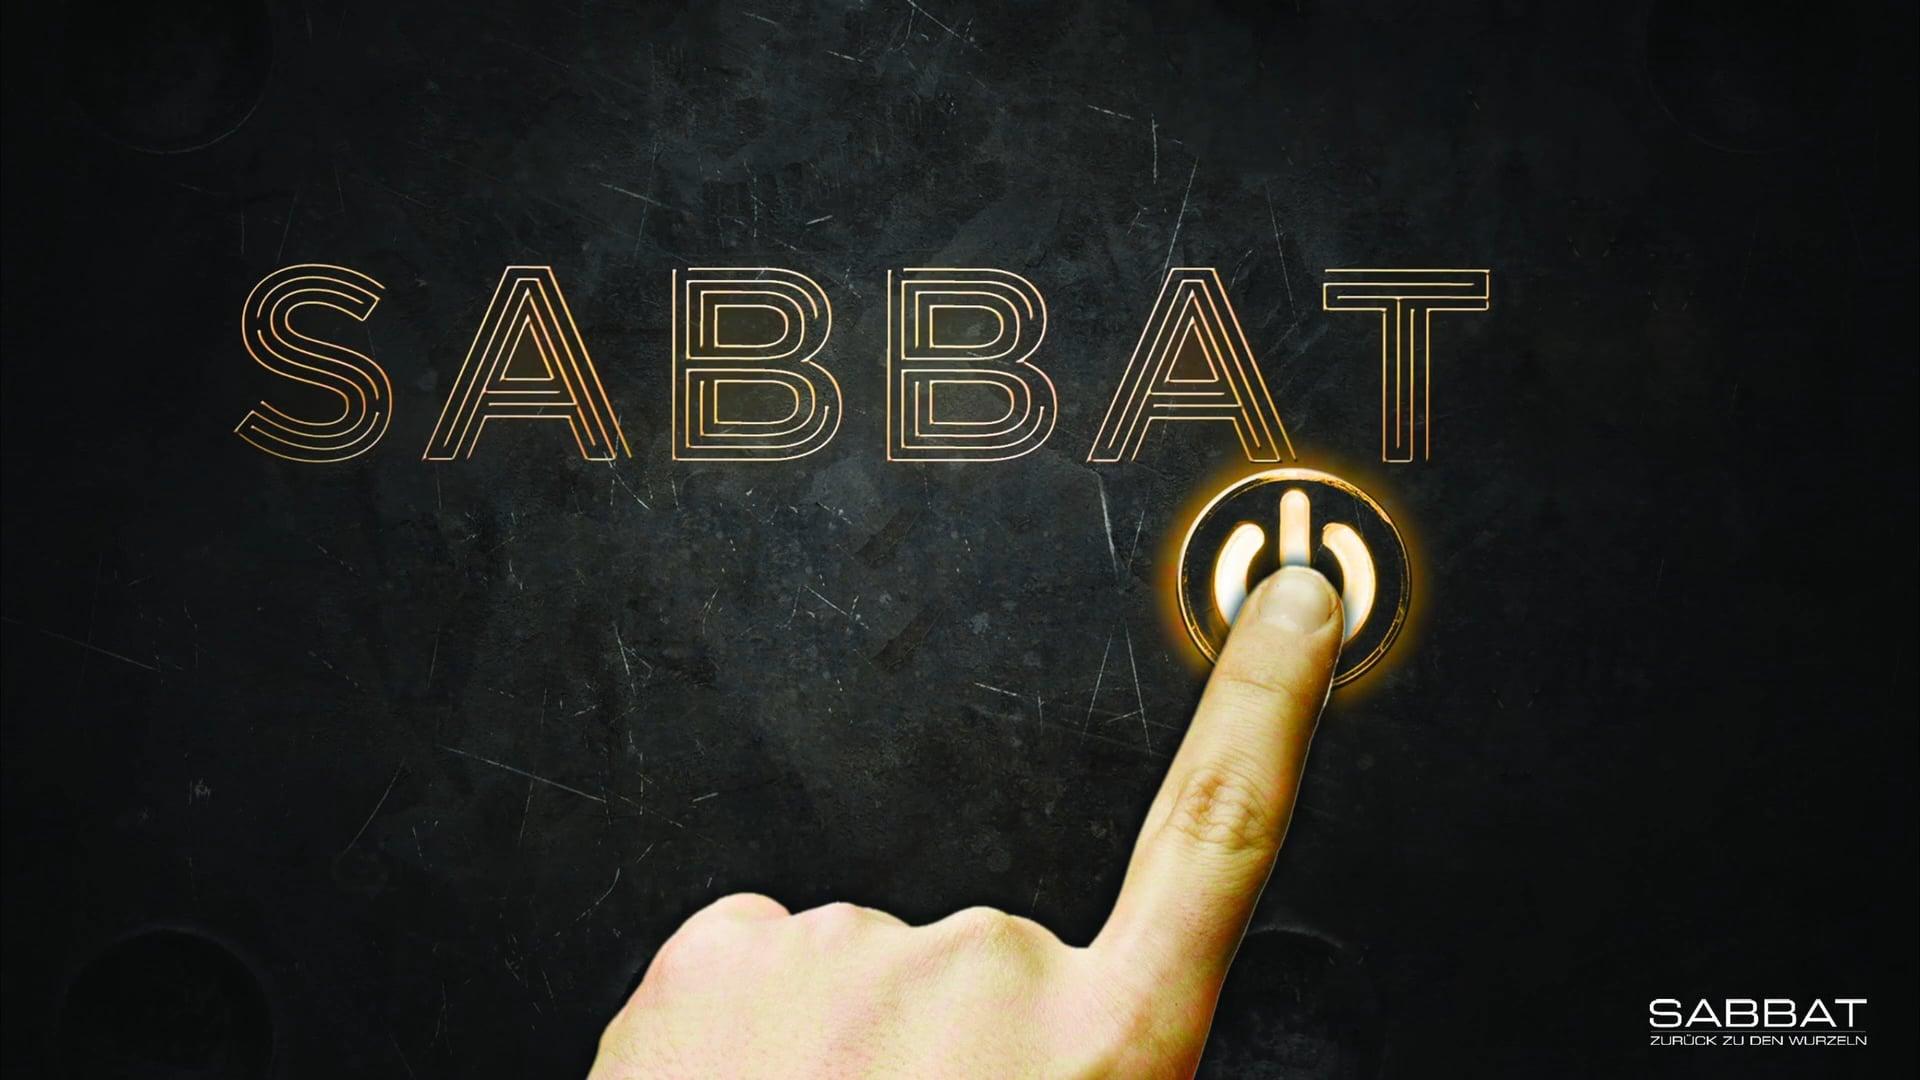 SABBAT! Zurück zu den Wurzeln (Ausschnitt)